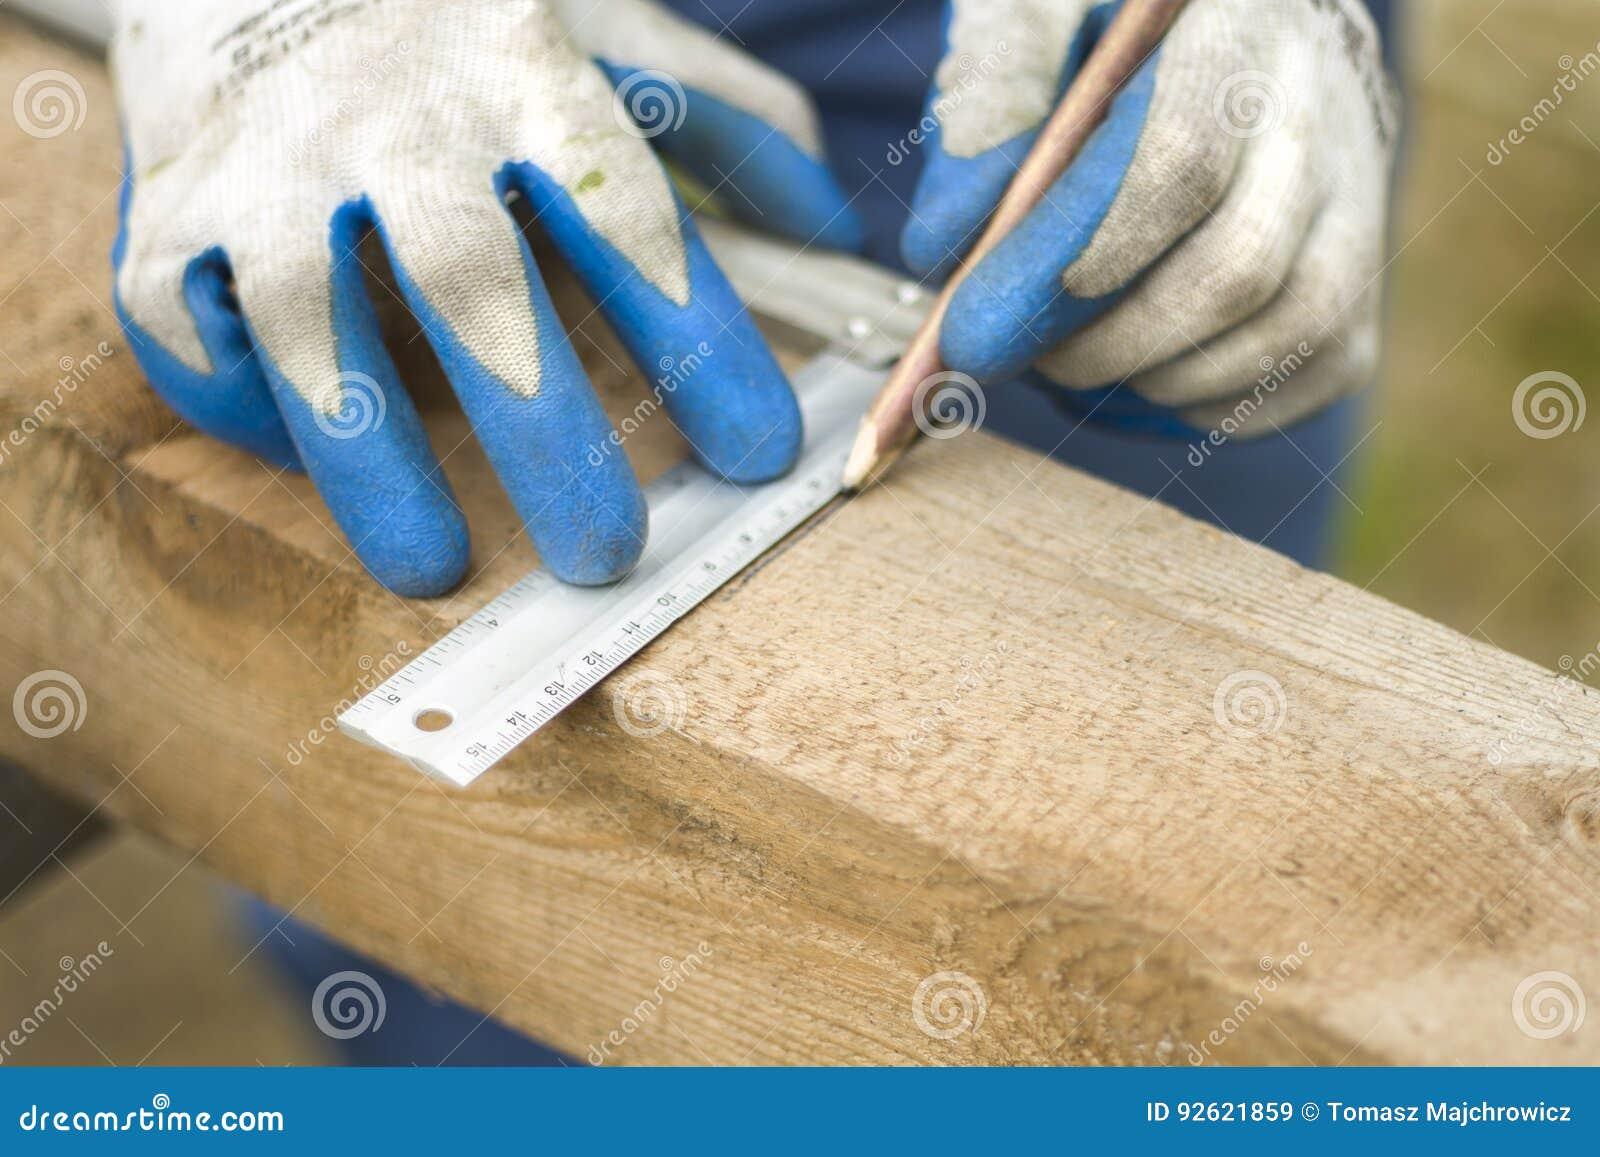 Рука рабочий-строителя указывает с карандашем расстояние на деревянном крае